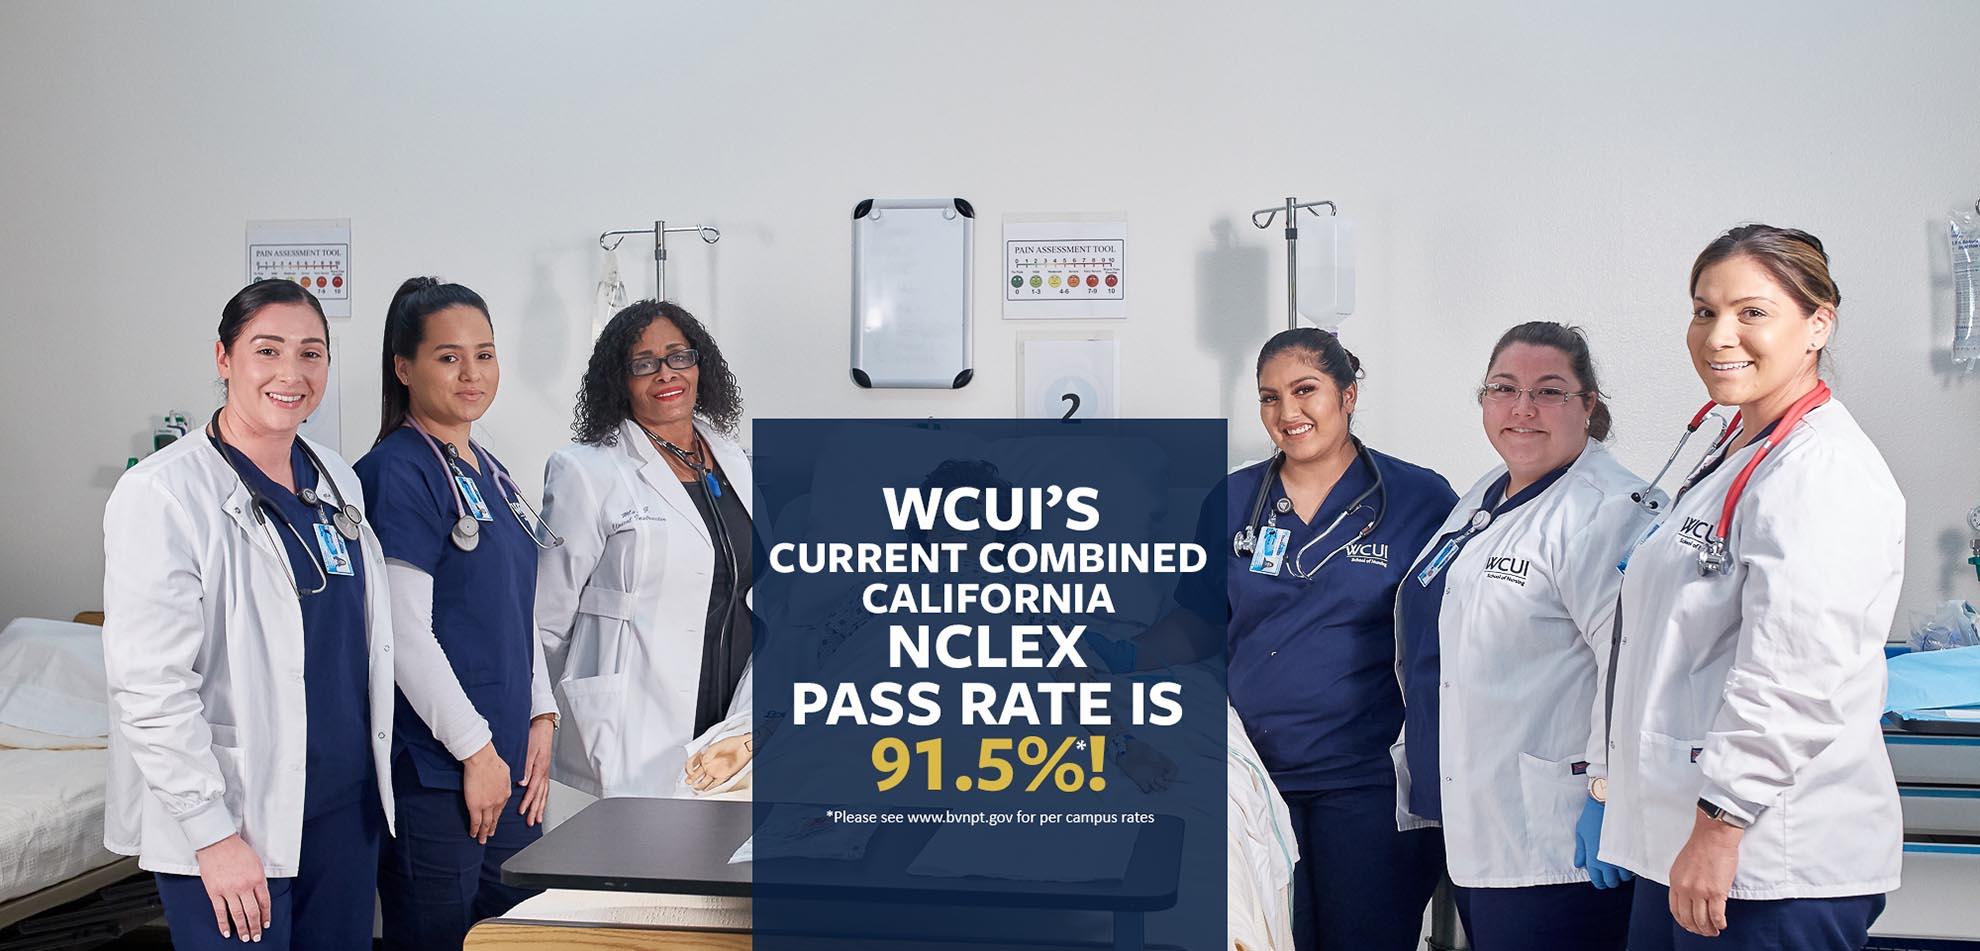 WCUI NCLEX Passrate 2019